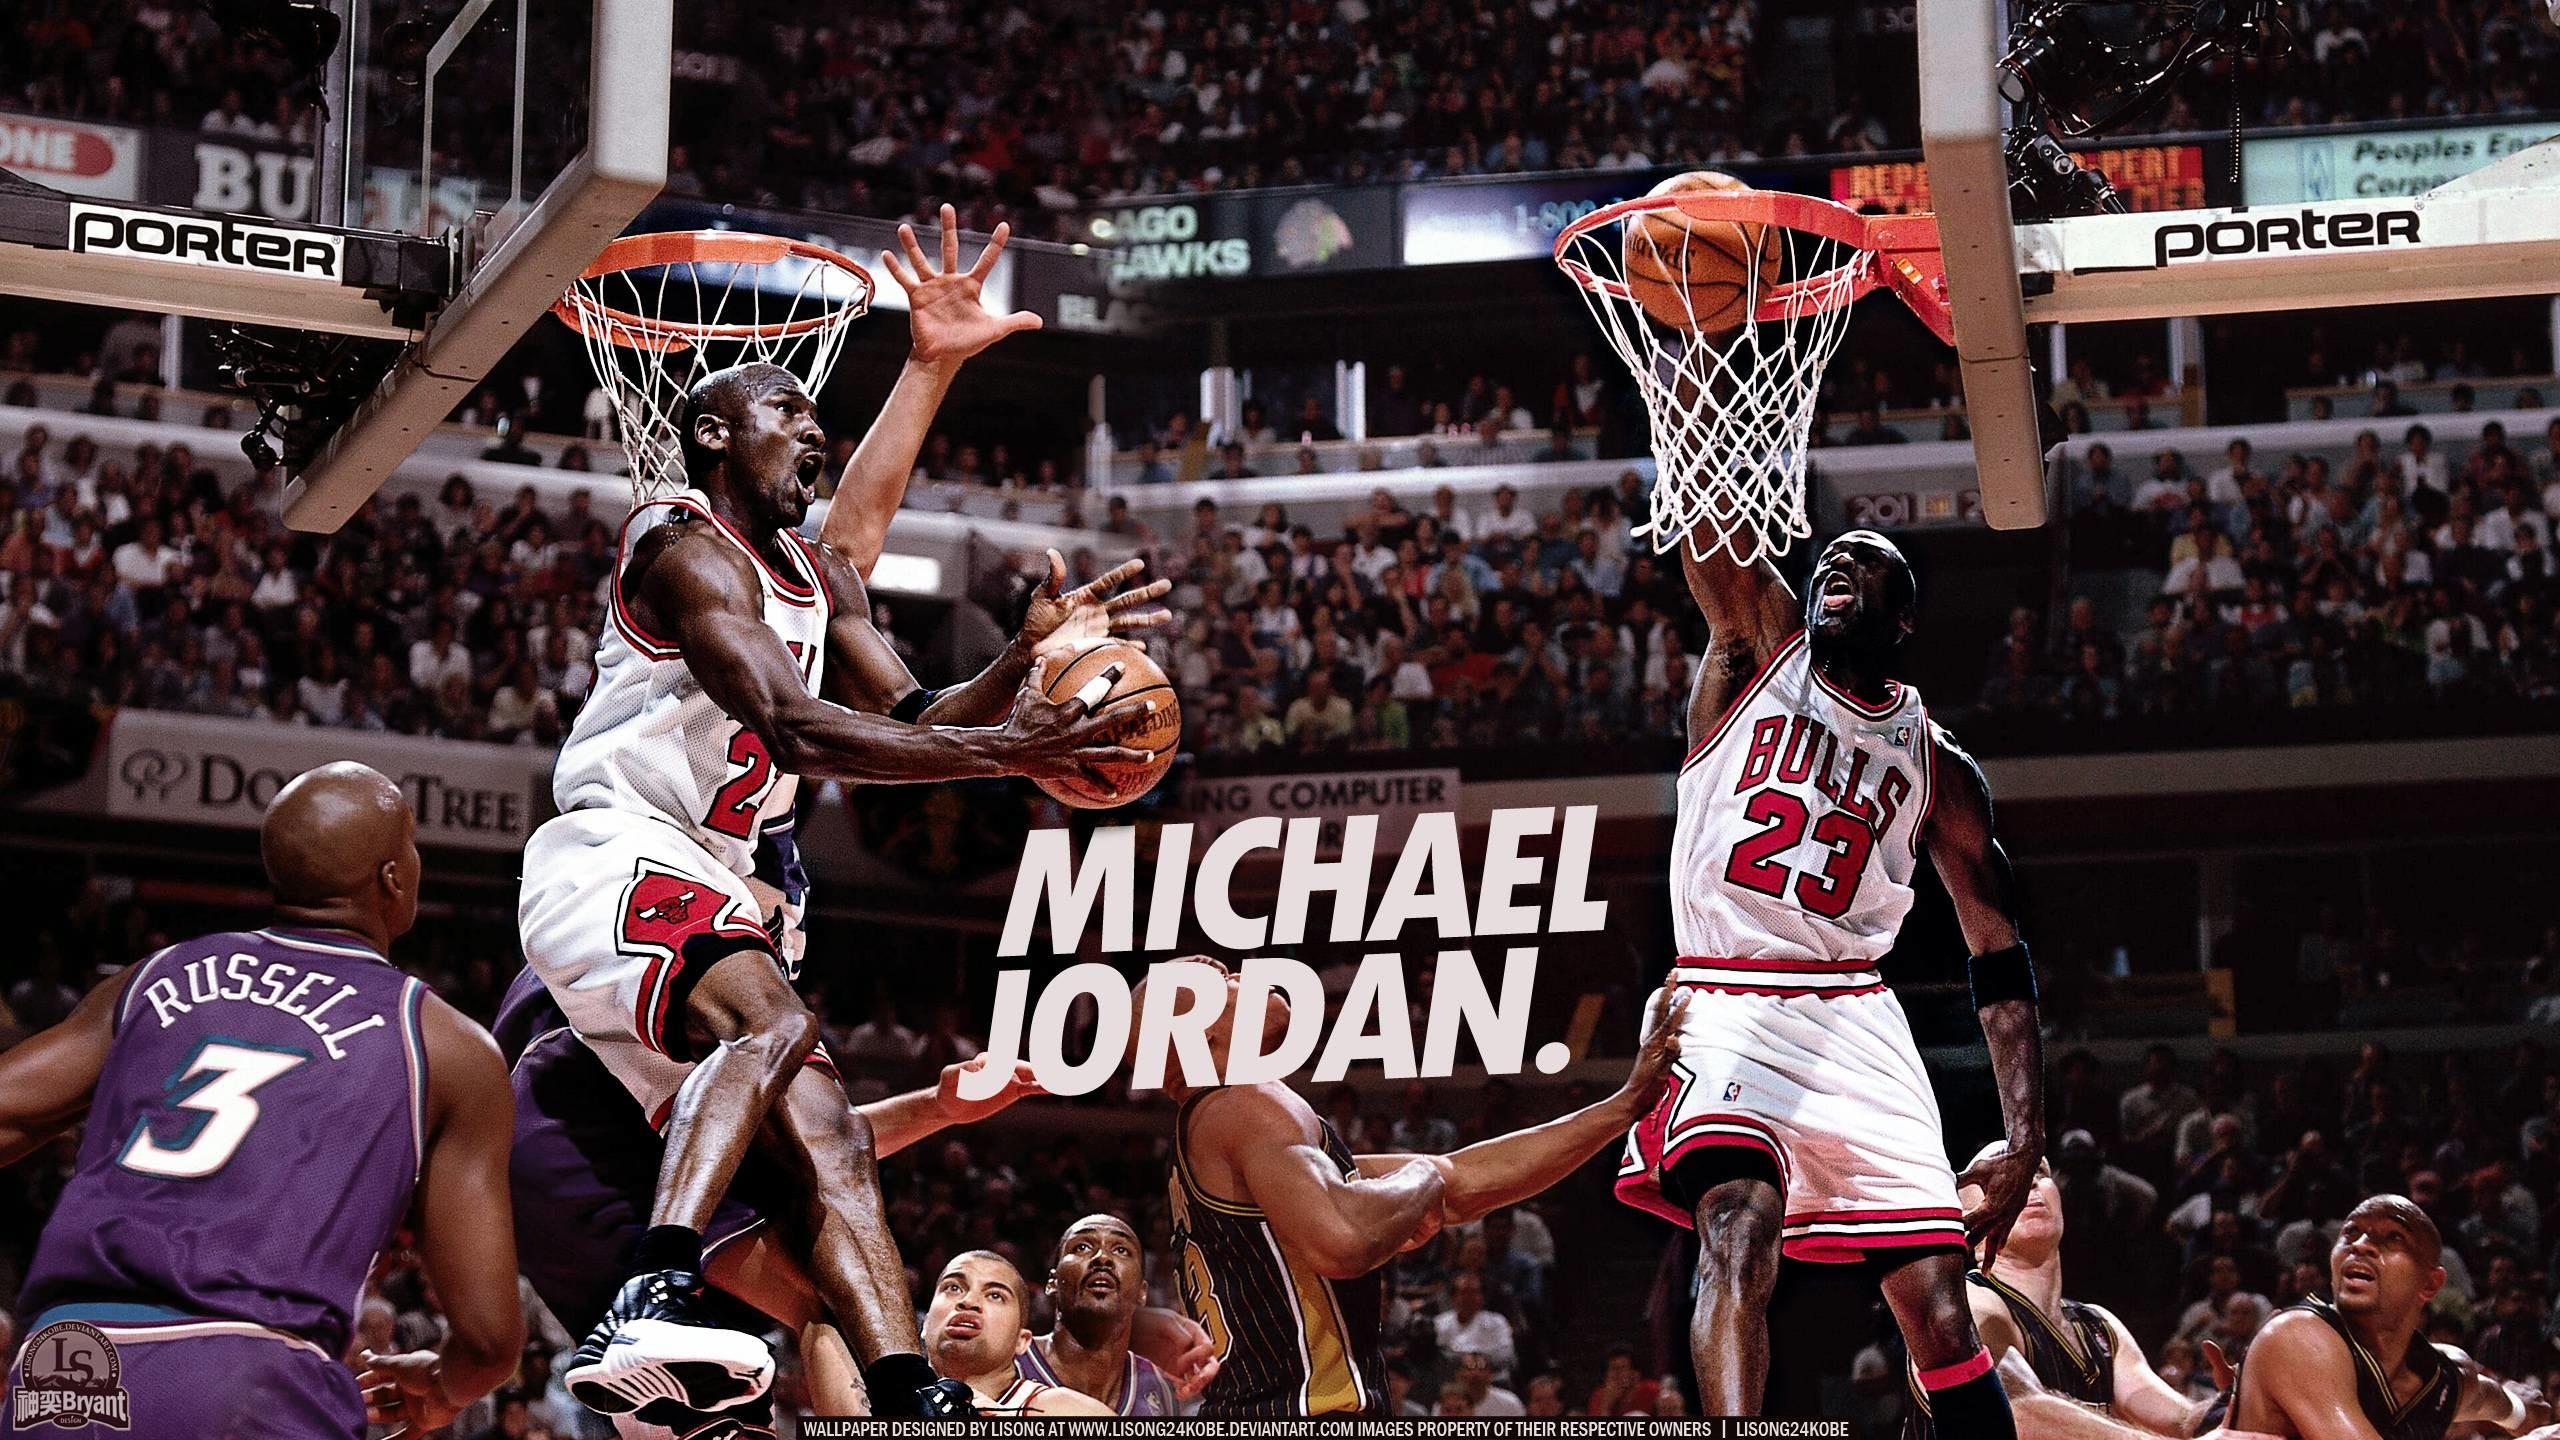 Michael Jordan Dunk Wallpaper 64 Images